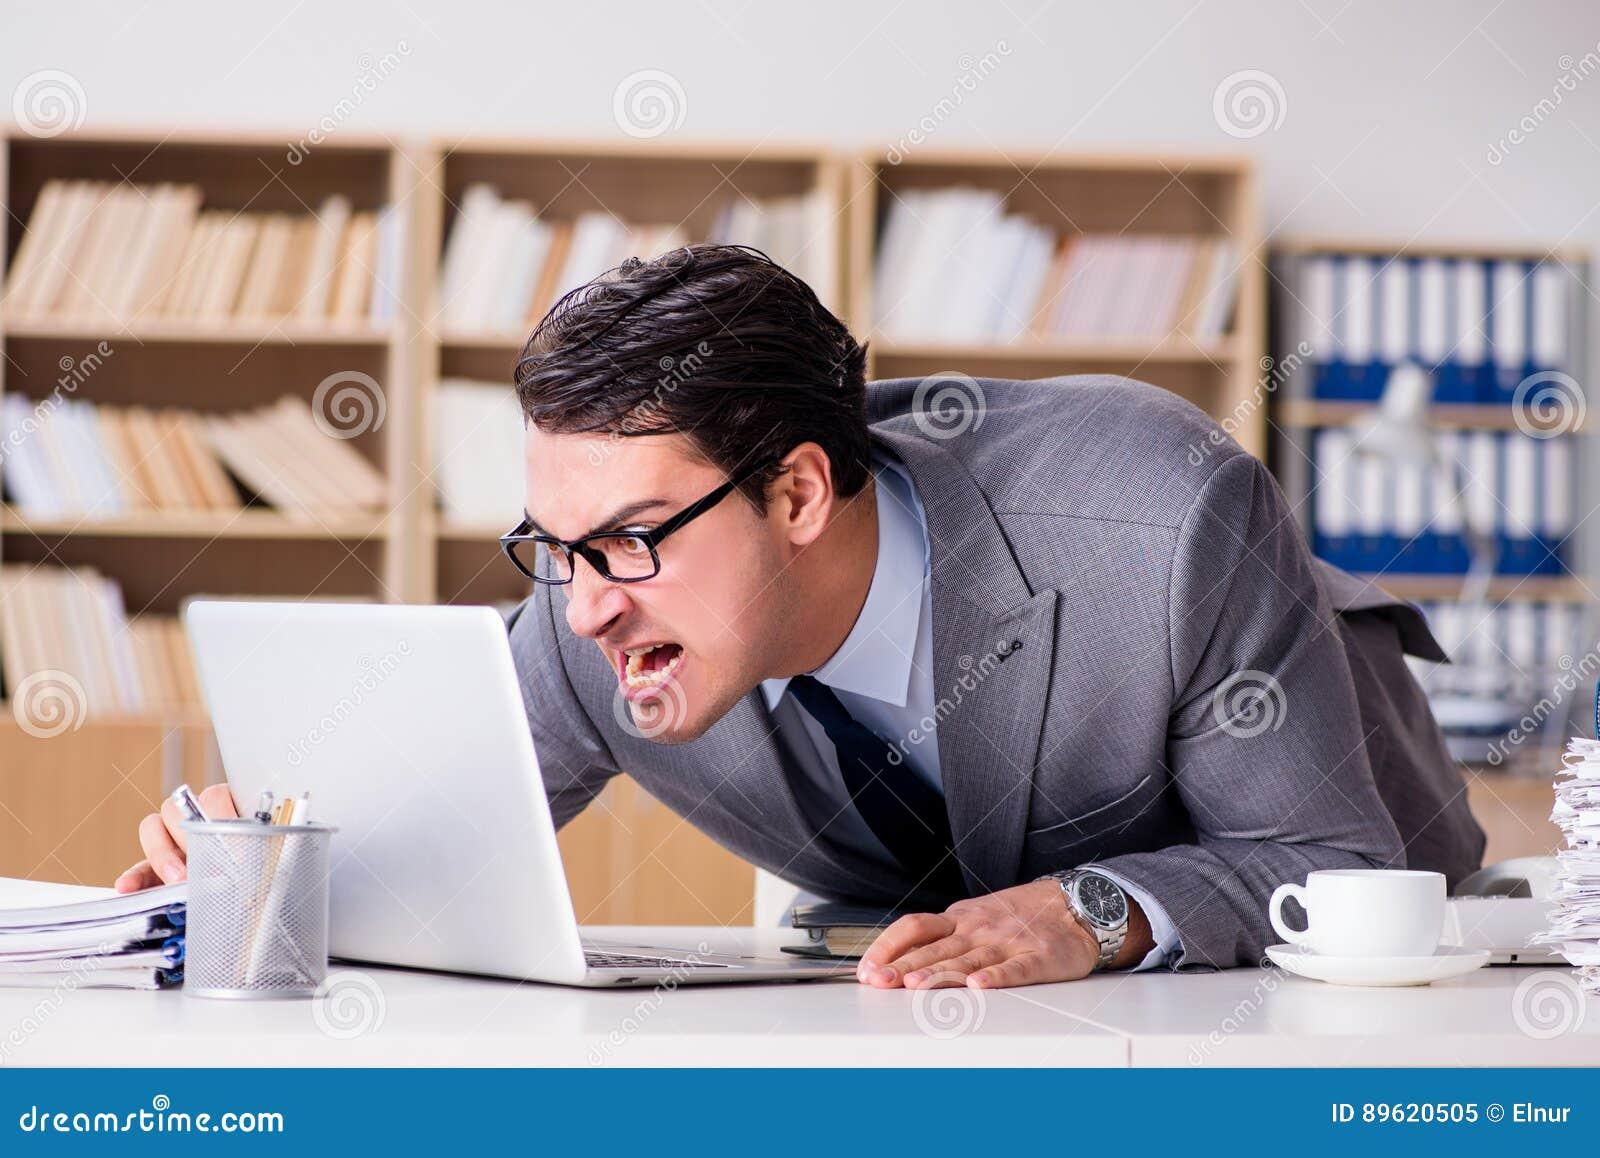 El hombre de negocios enojado con demasiado trabajo en for Empleos en oficinas